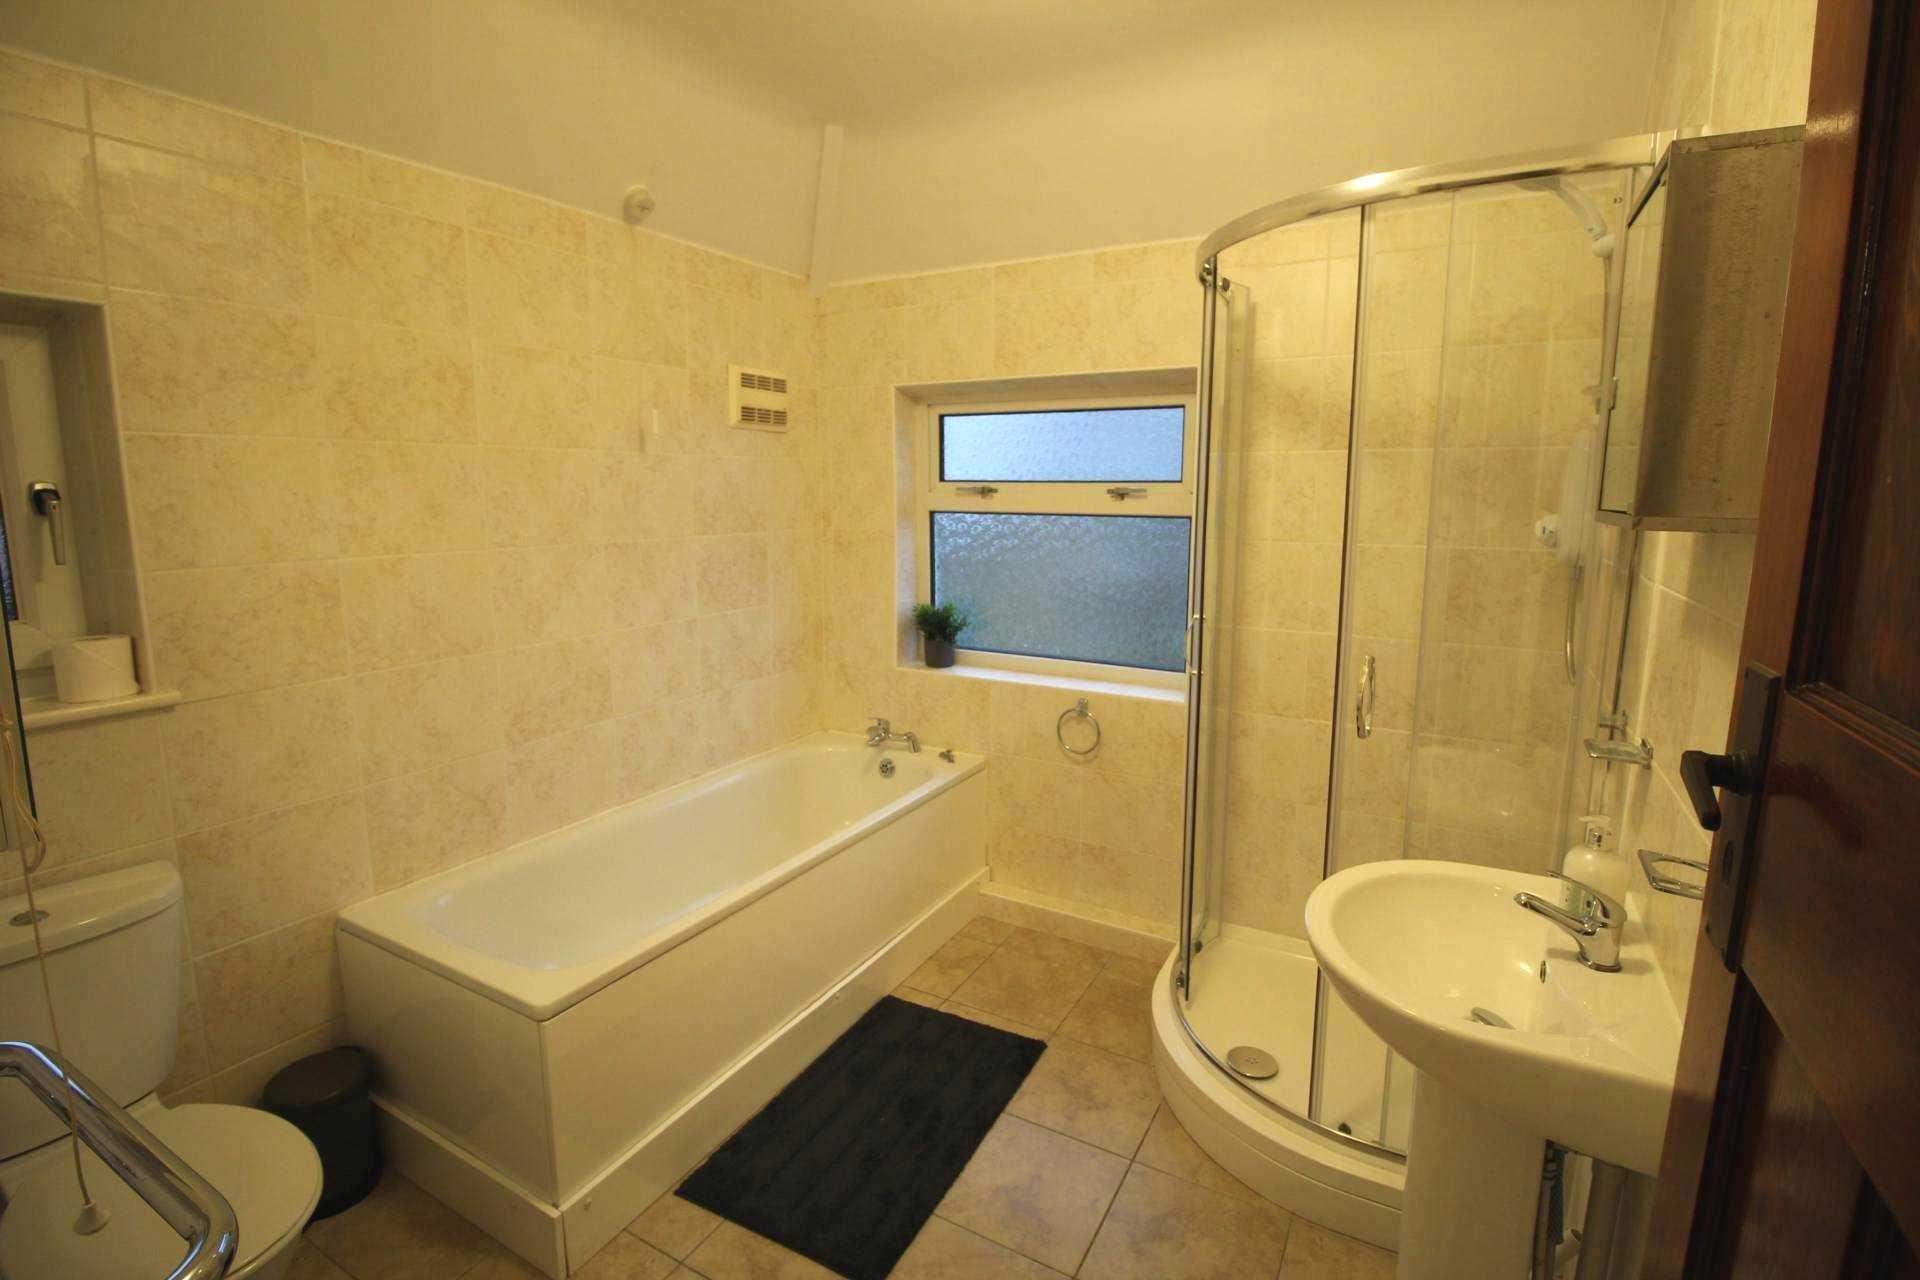 Room 1, Pewley Way, Guildford, GU1 3PX, Image 6